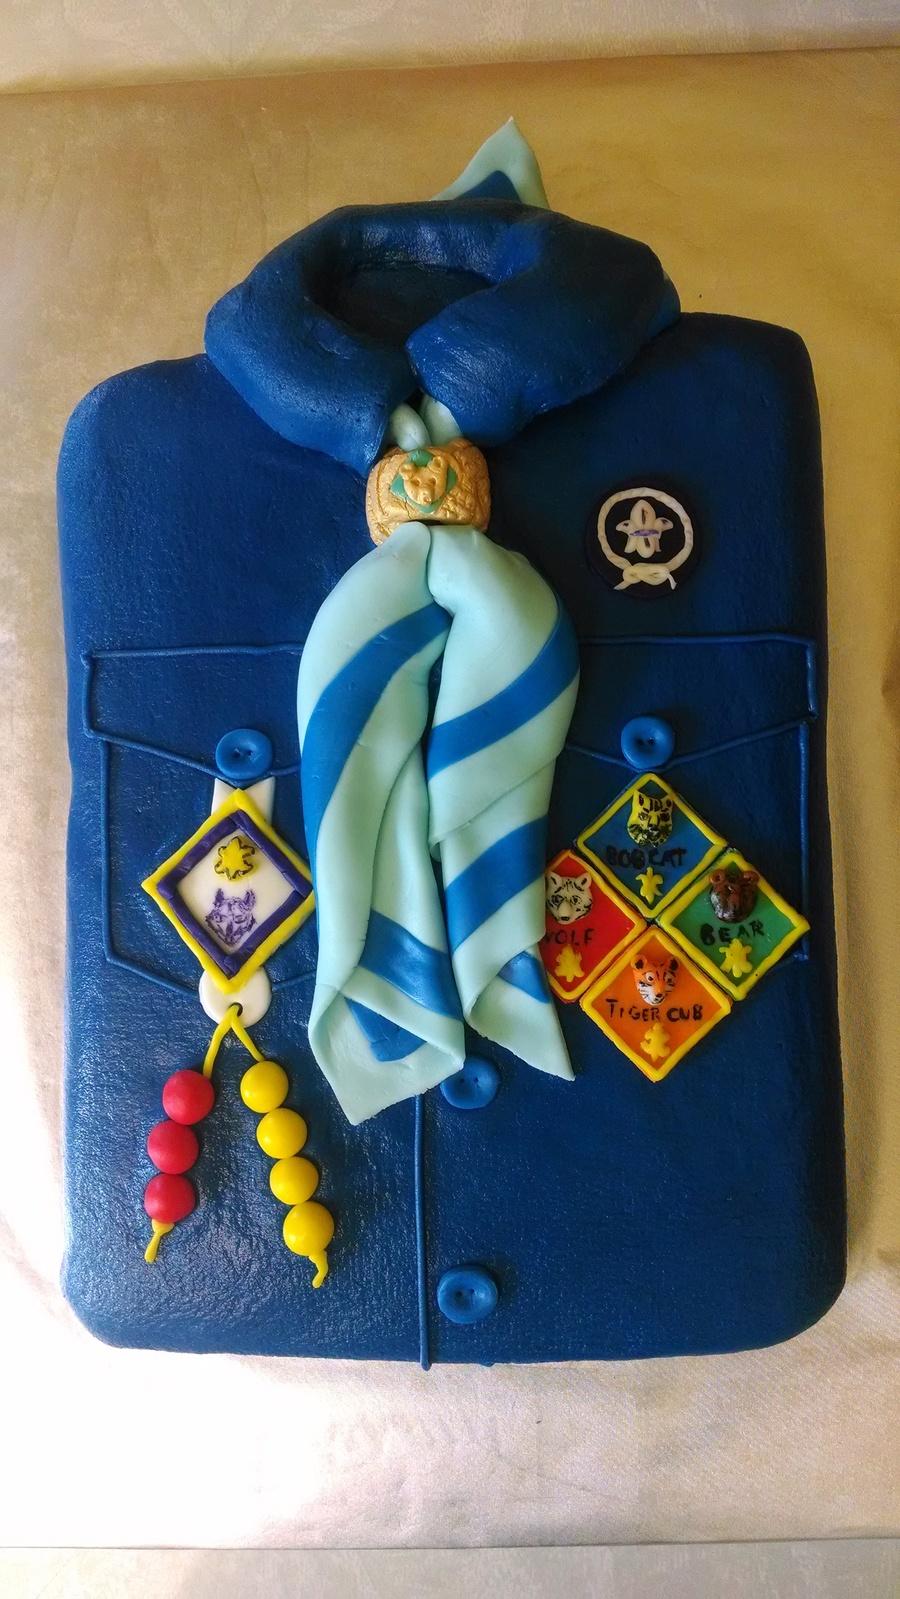 Cub Scout Shirt Cake Cakecentral Com